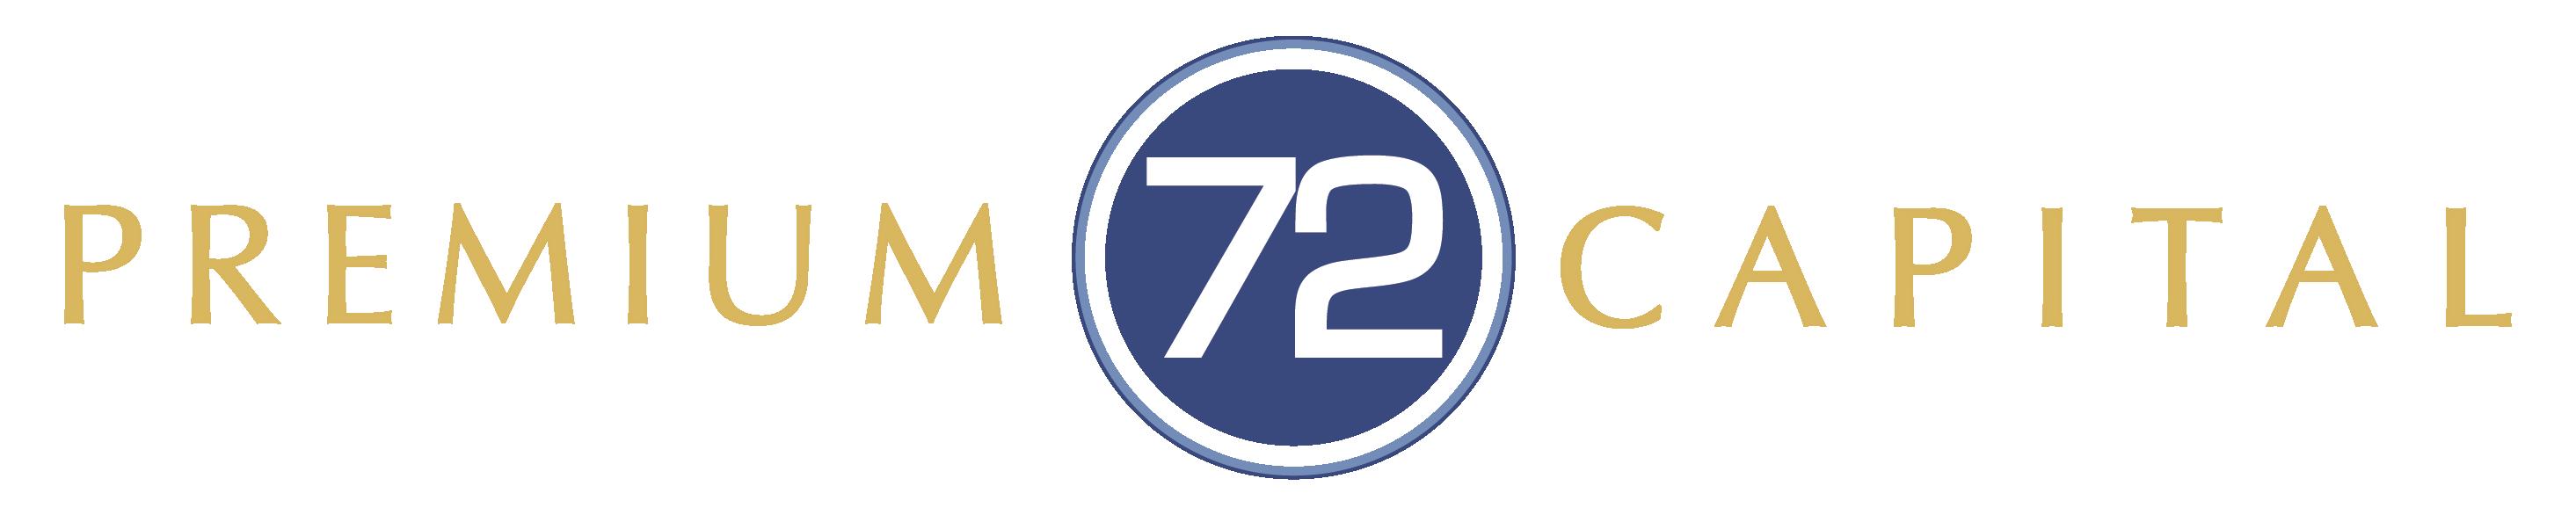 Premium-72-Capital-Logo.png